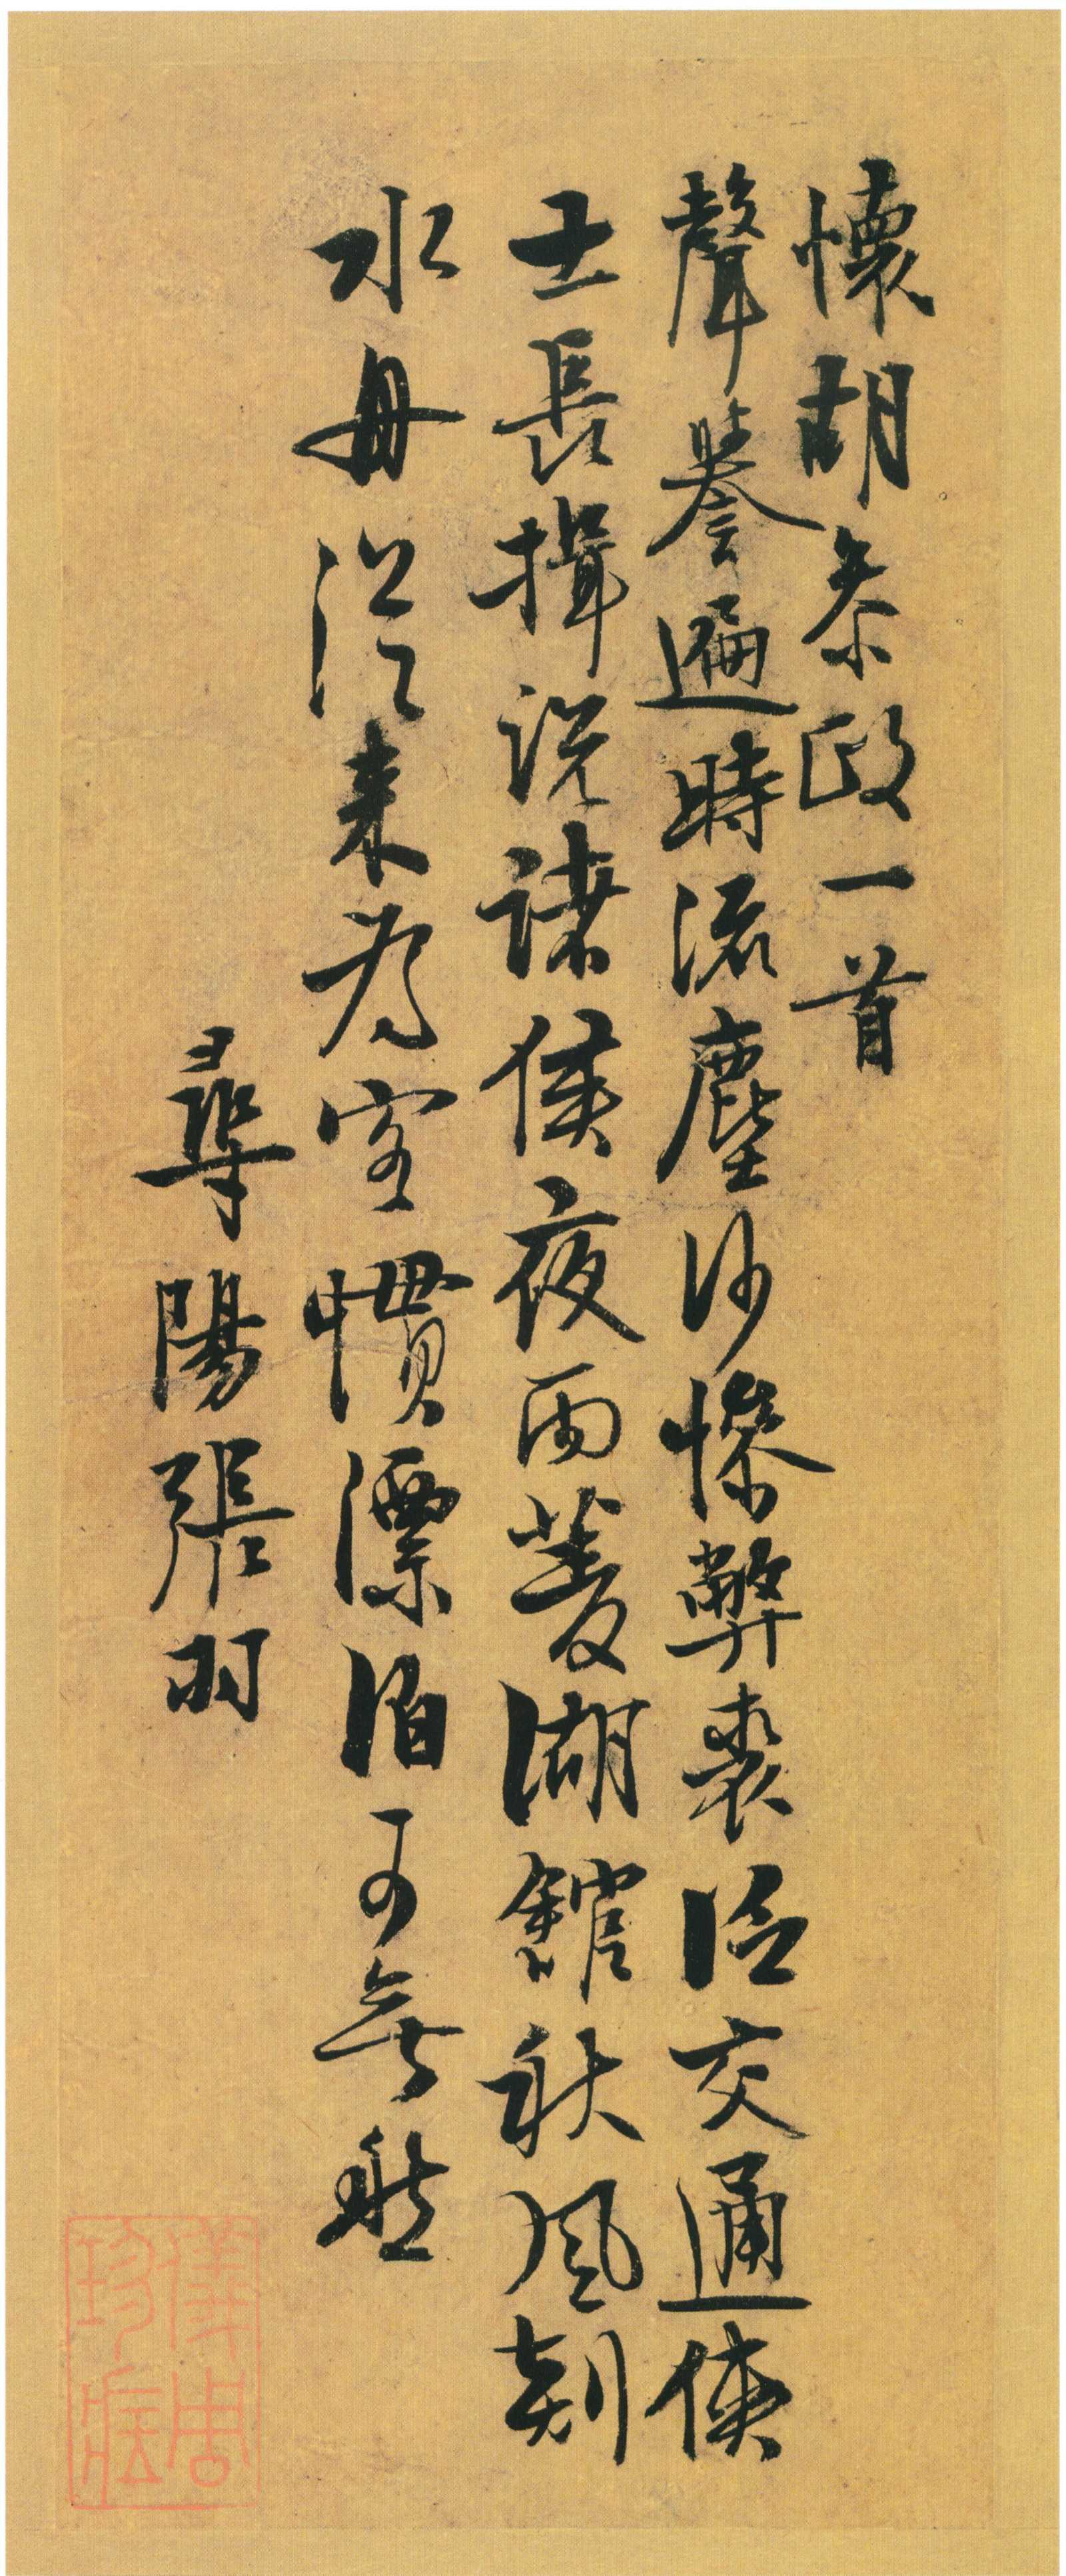 zhangyu1.jpg